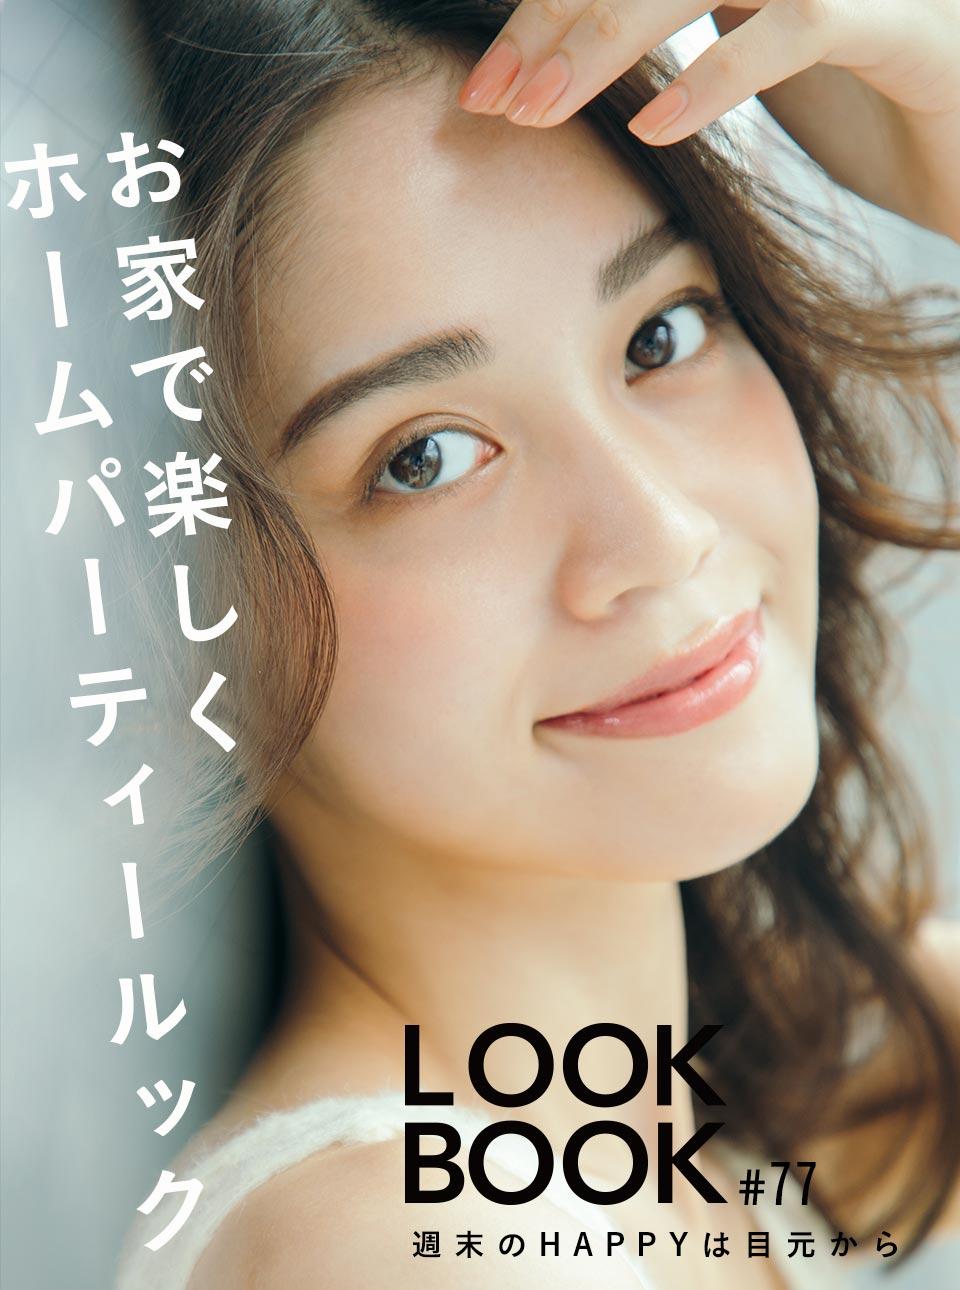 LOOKBOOK77